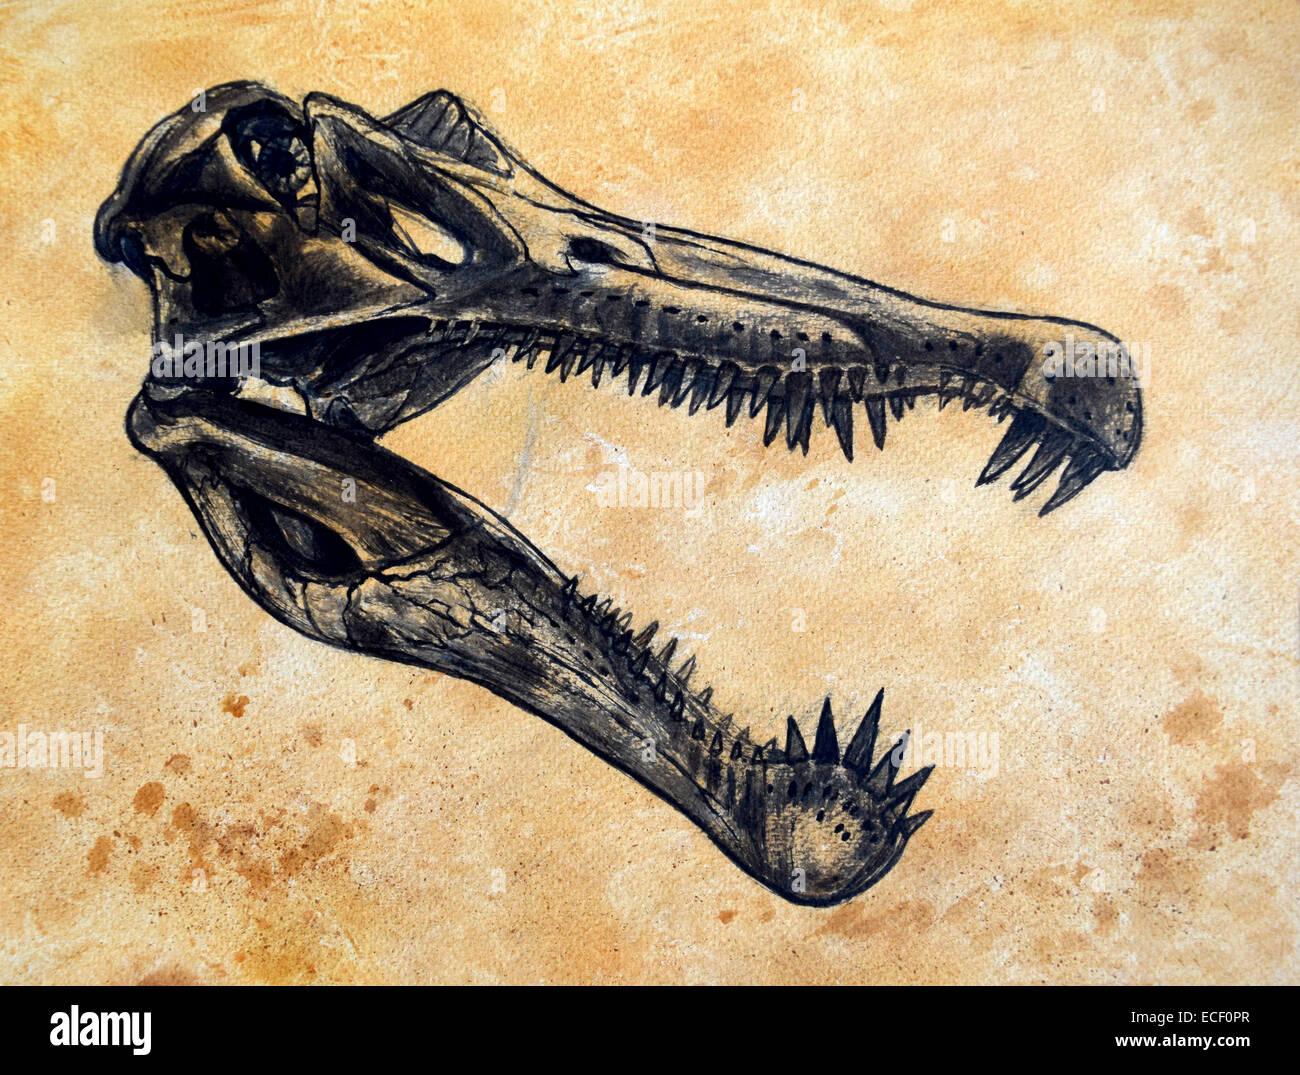 Spinosaurus dinosaur skull on textured background. - Stock Image